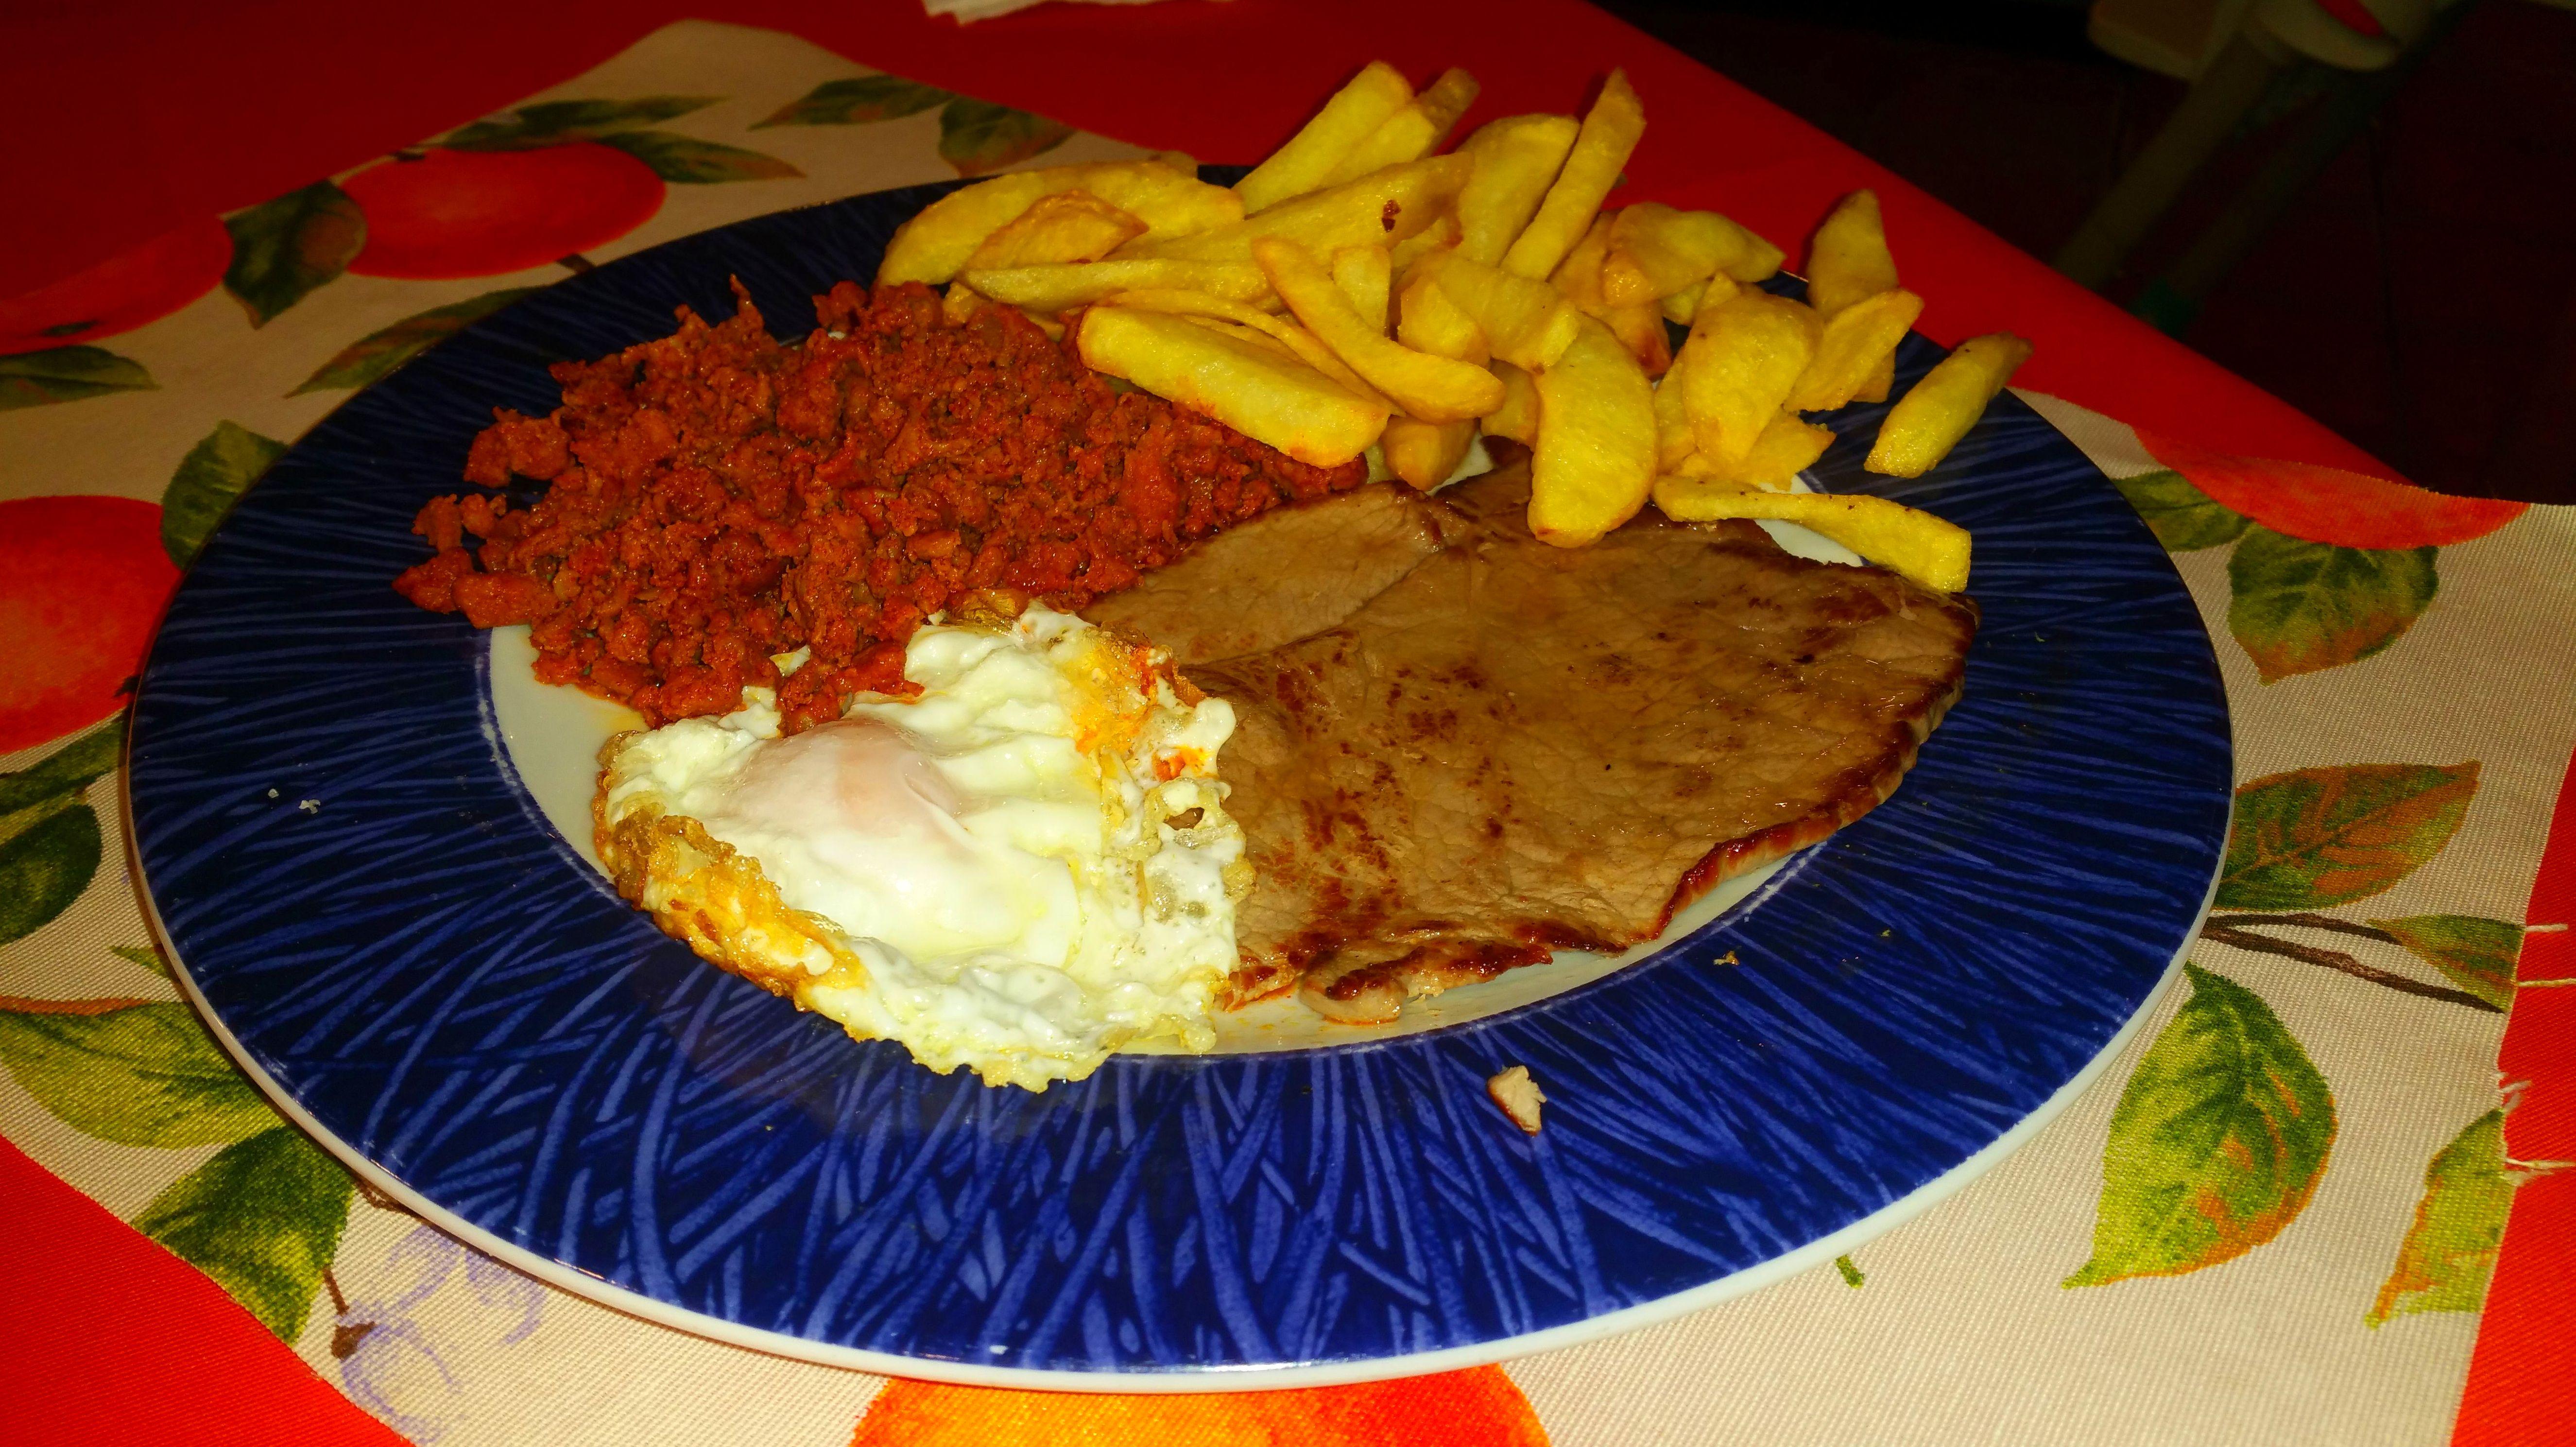 Filete + Huevo  + picadillo